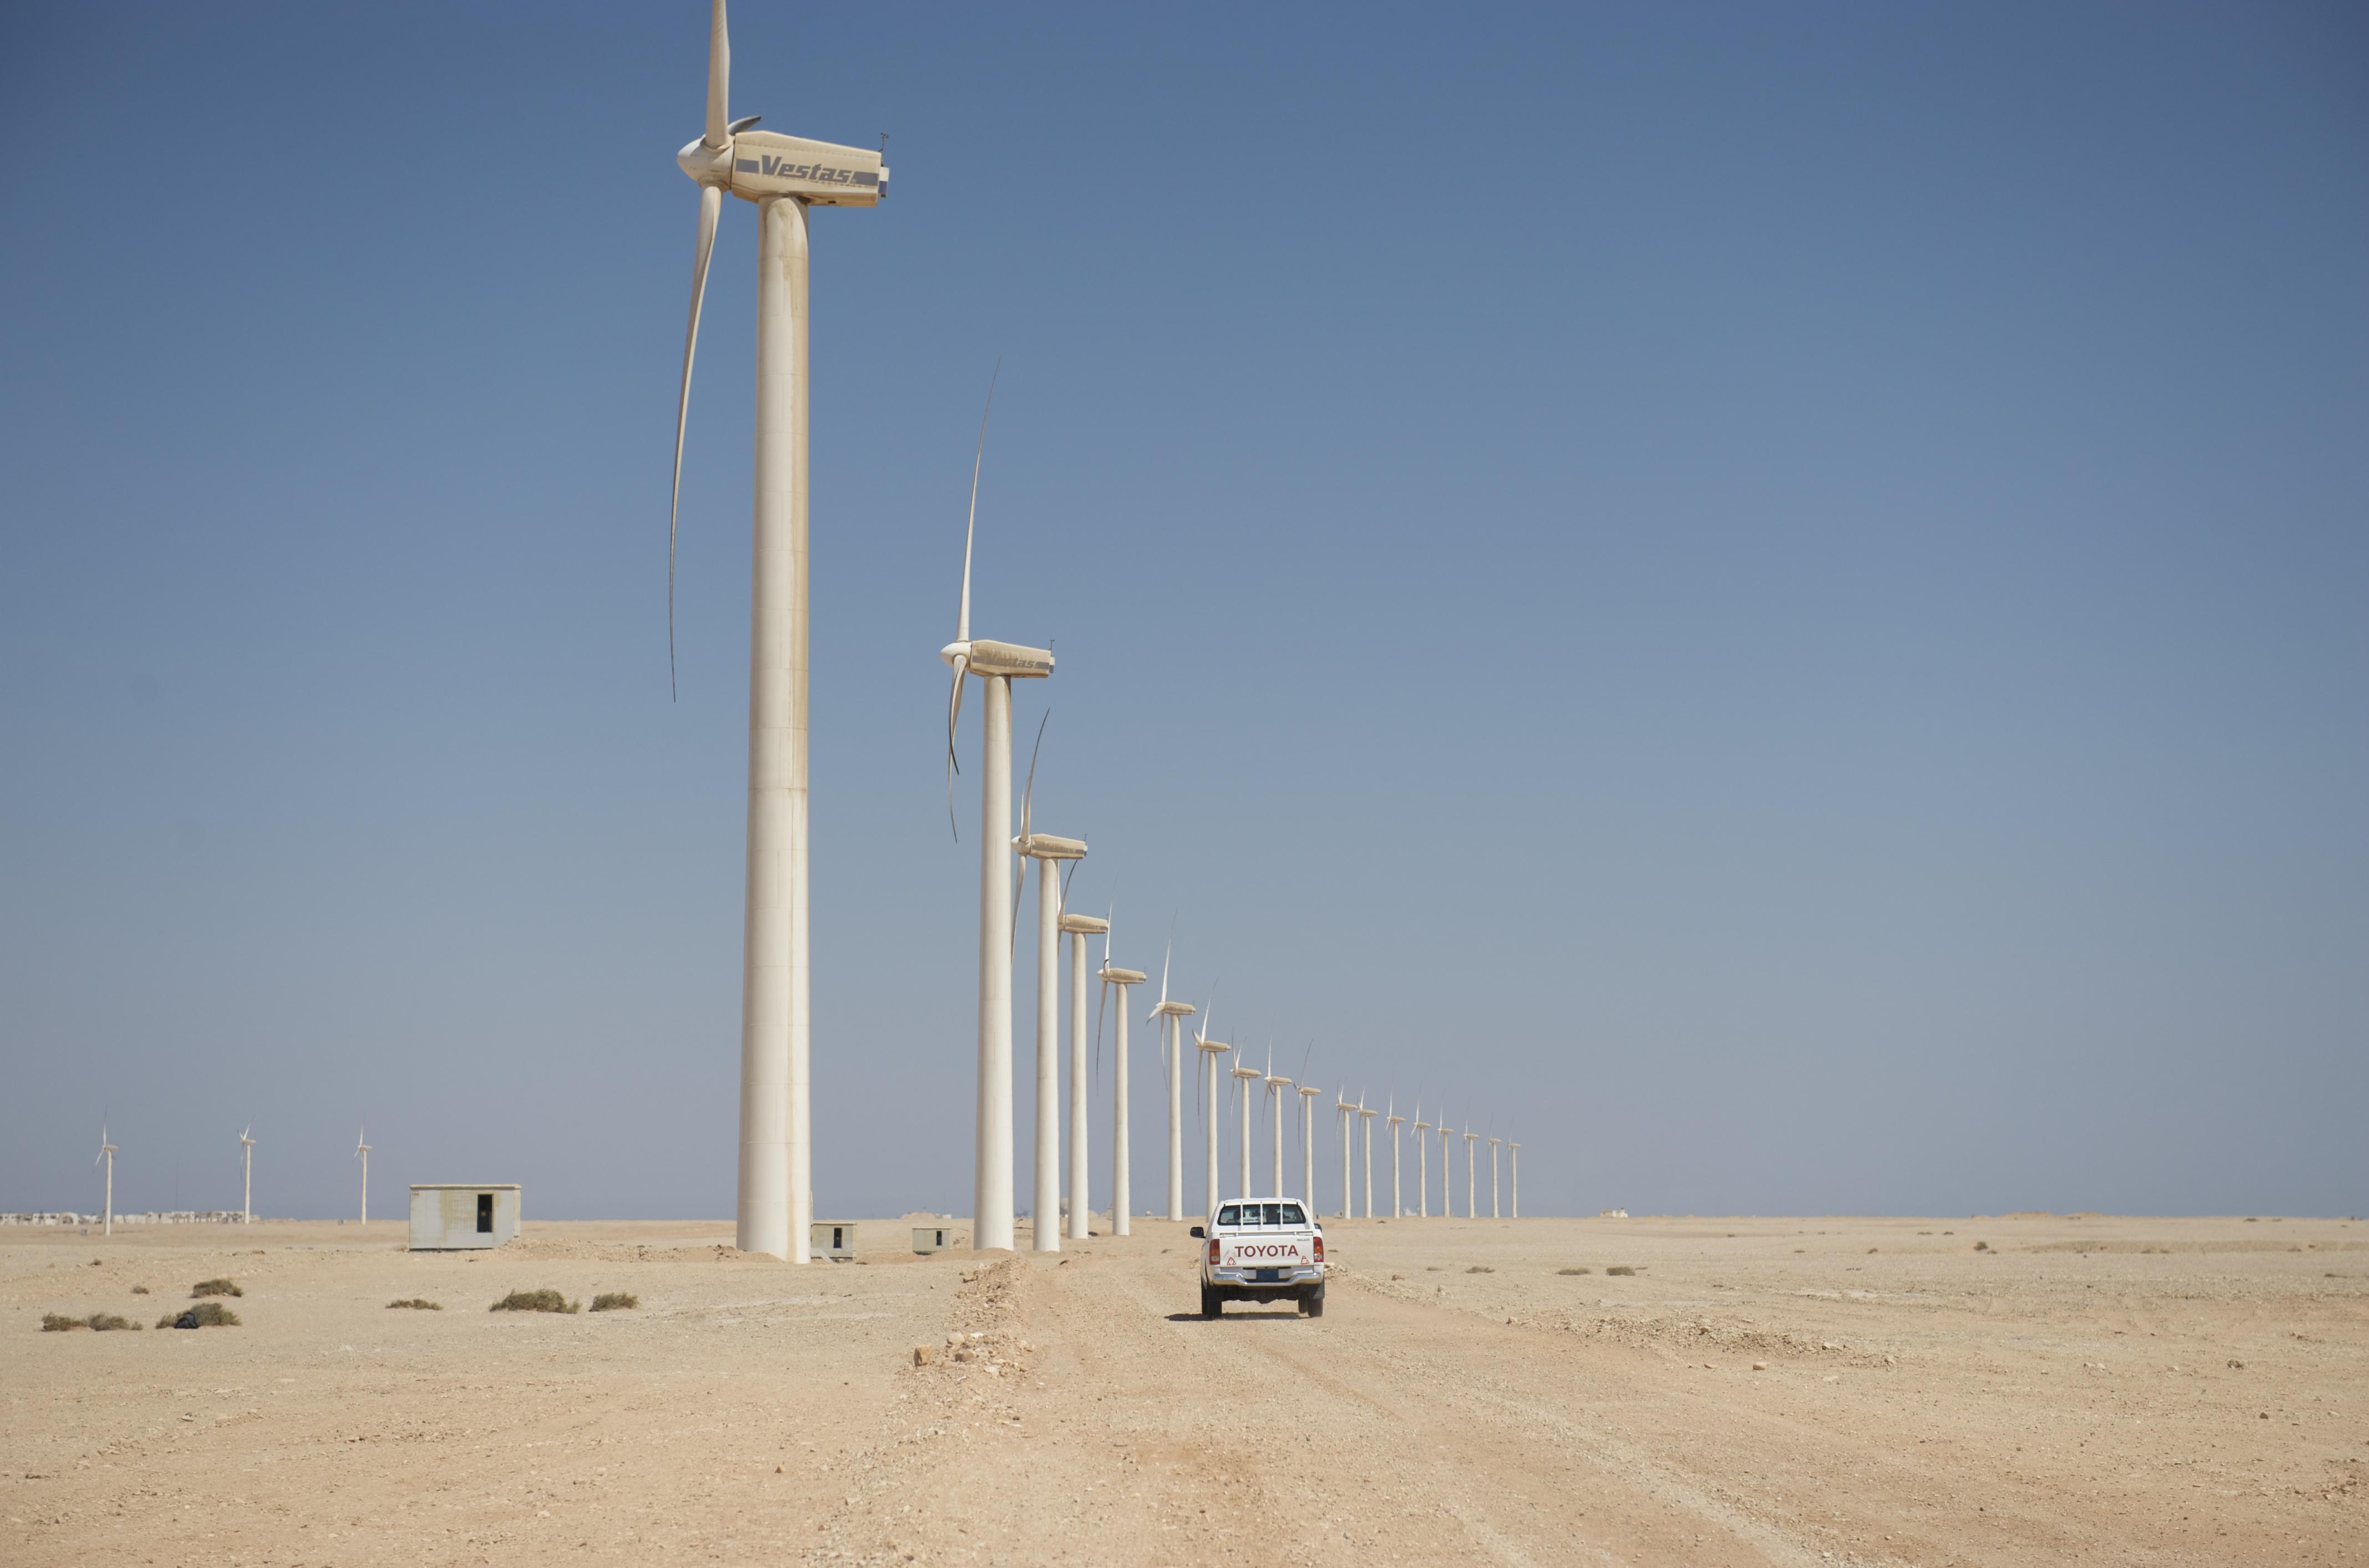 Comisión de Evaluación Ambiental de Atacama aprobó construcción de parque eólico Sarco en Freirina